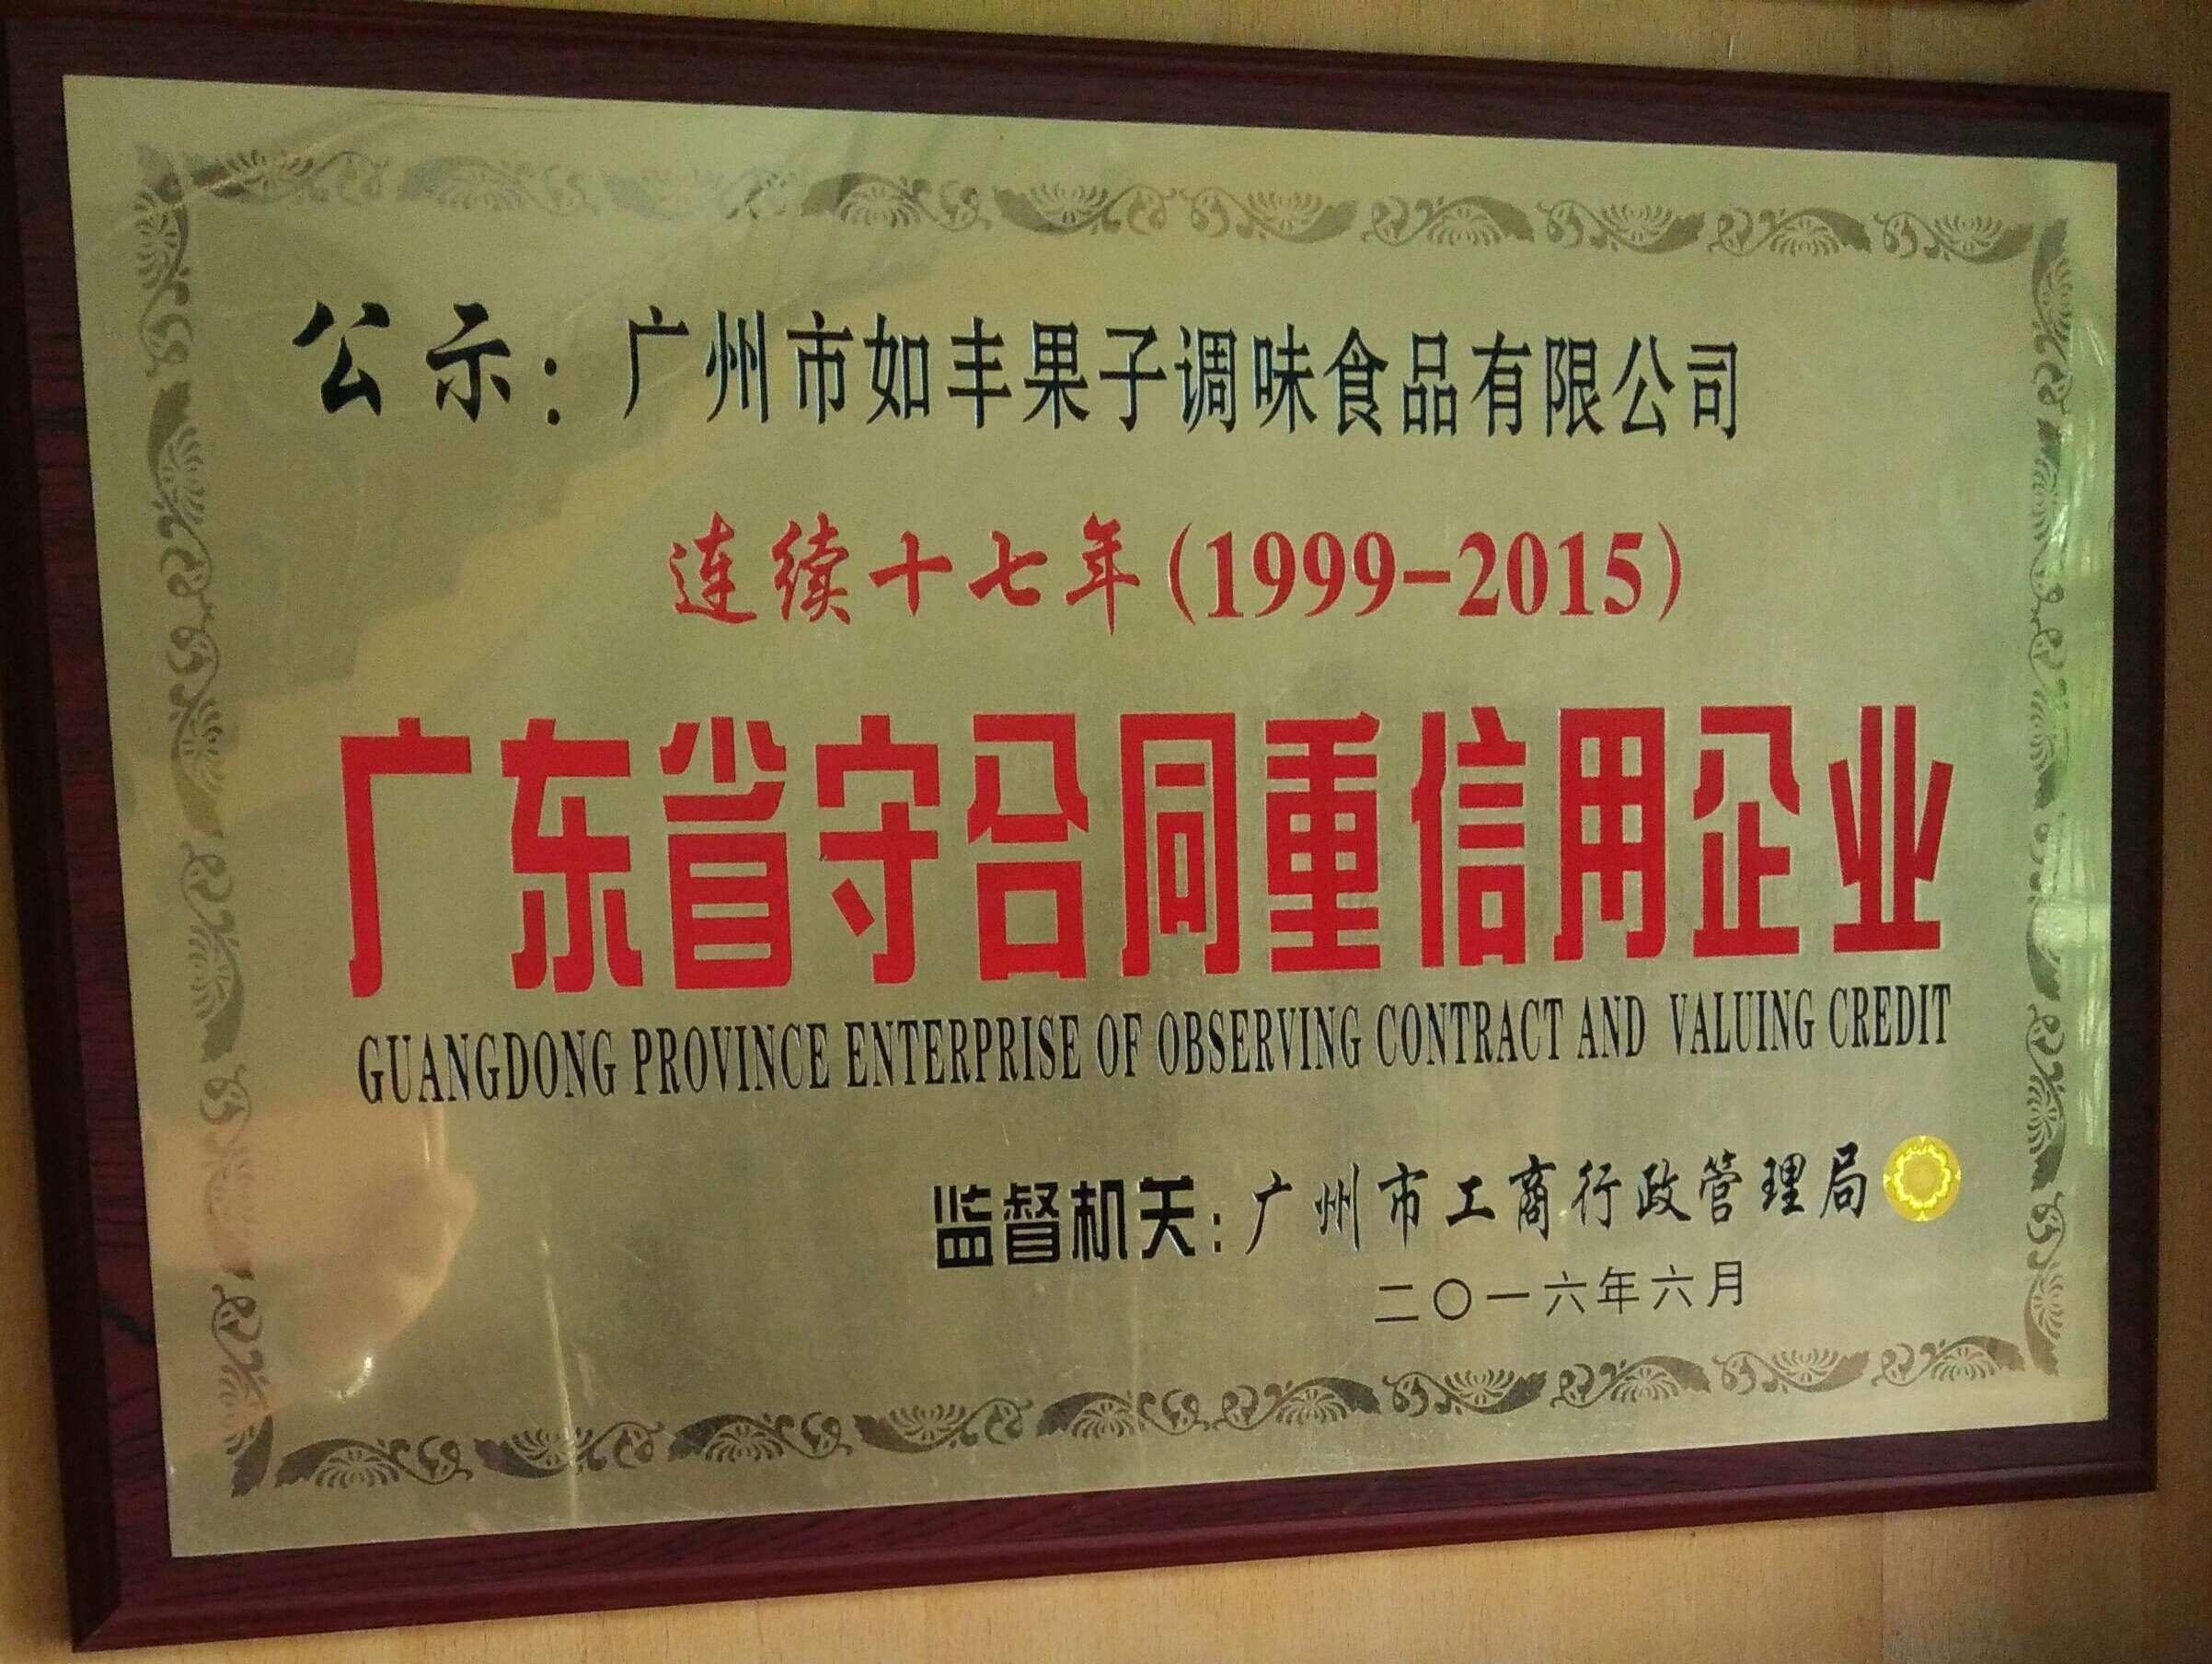 广东省守条约重信誉企业